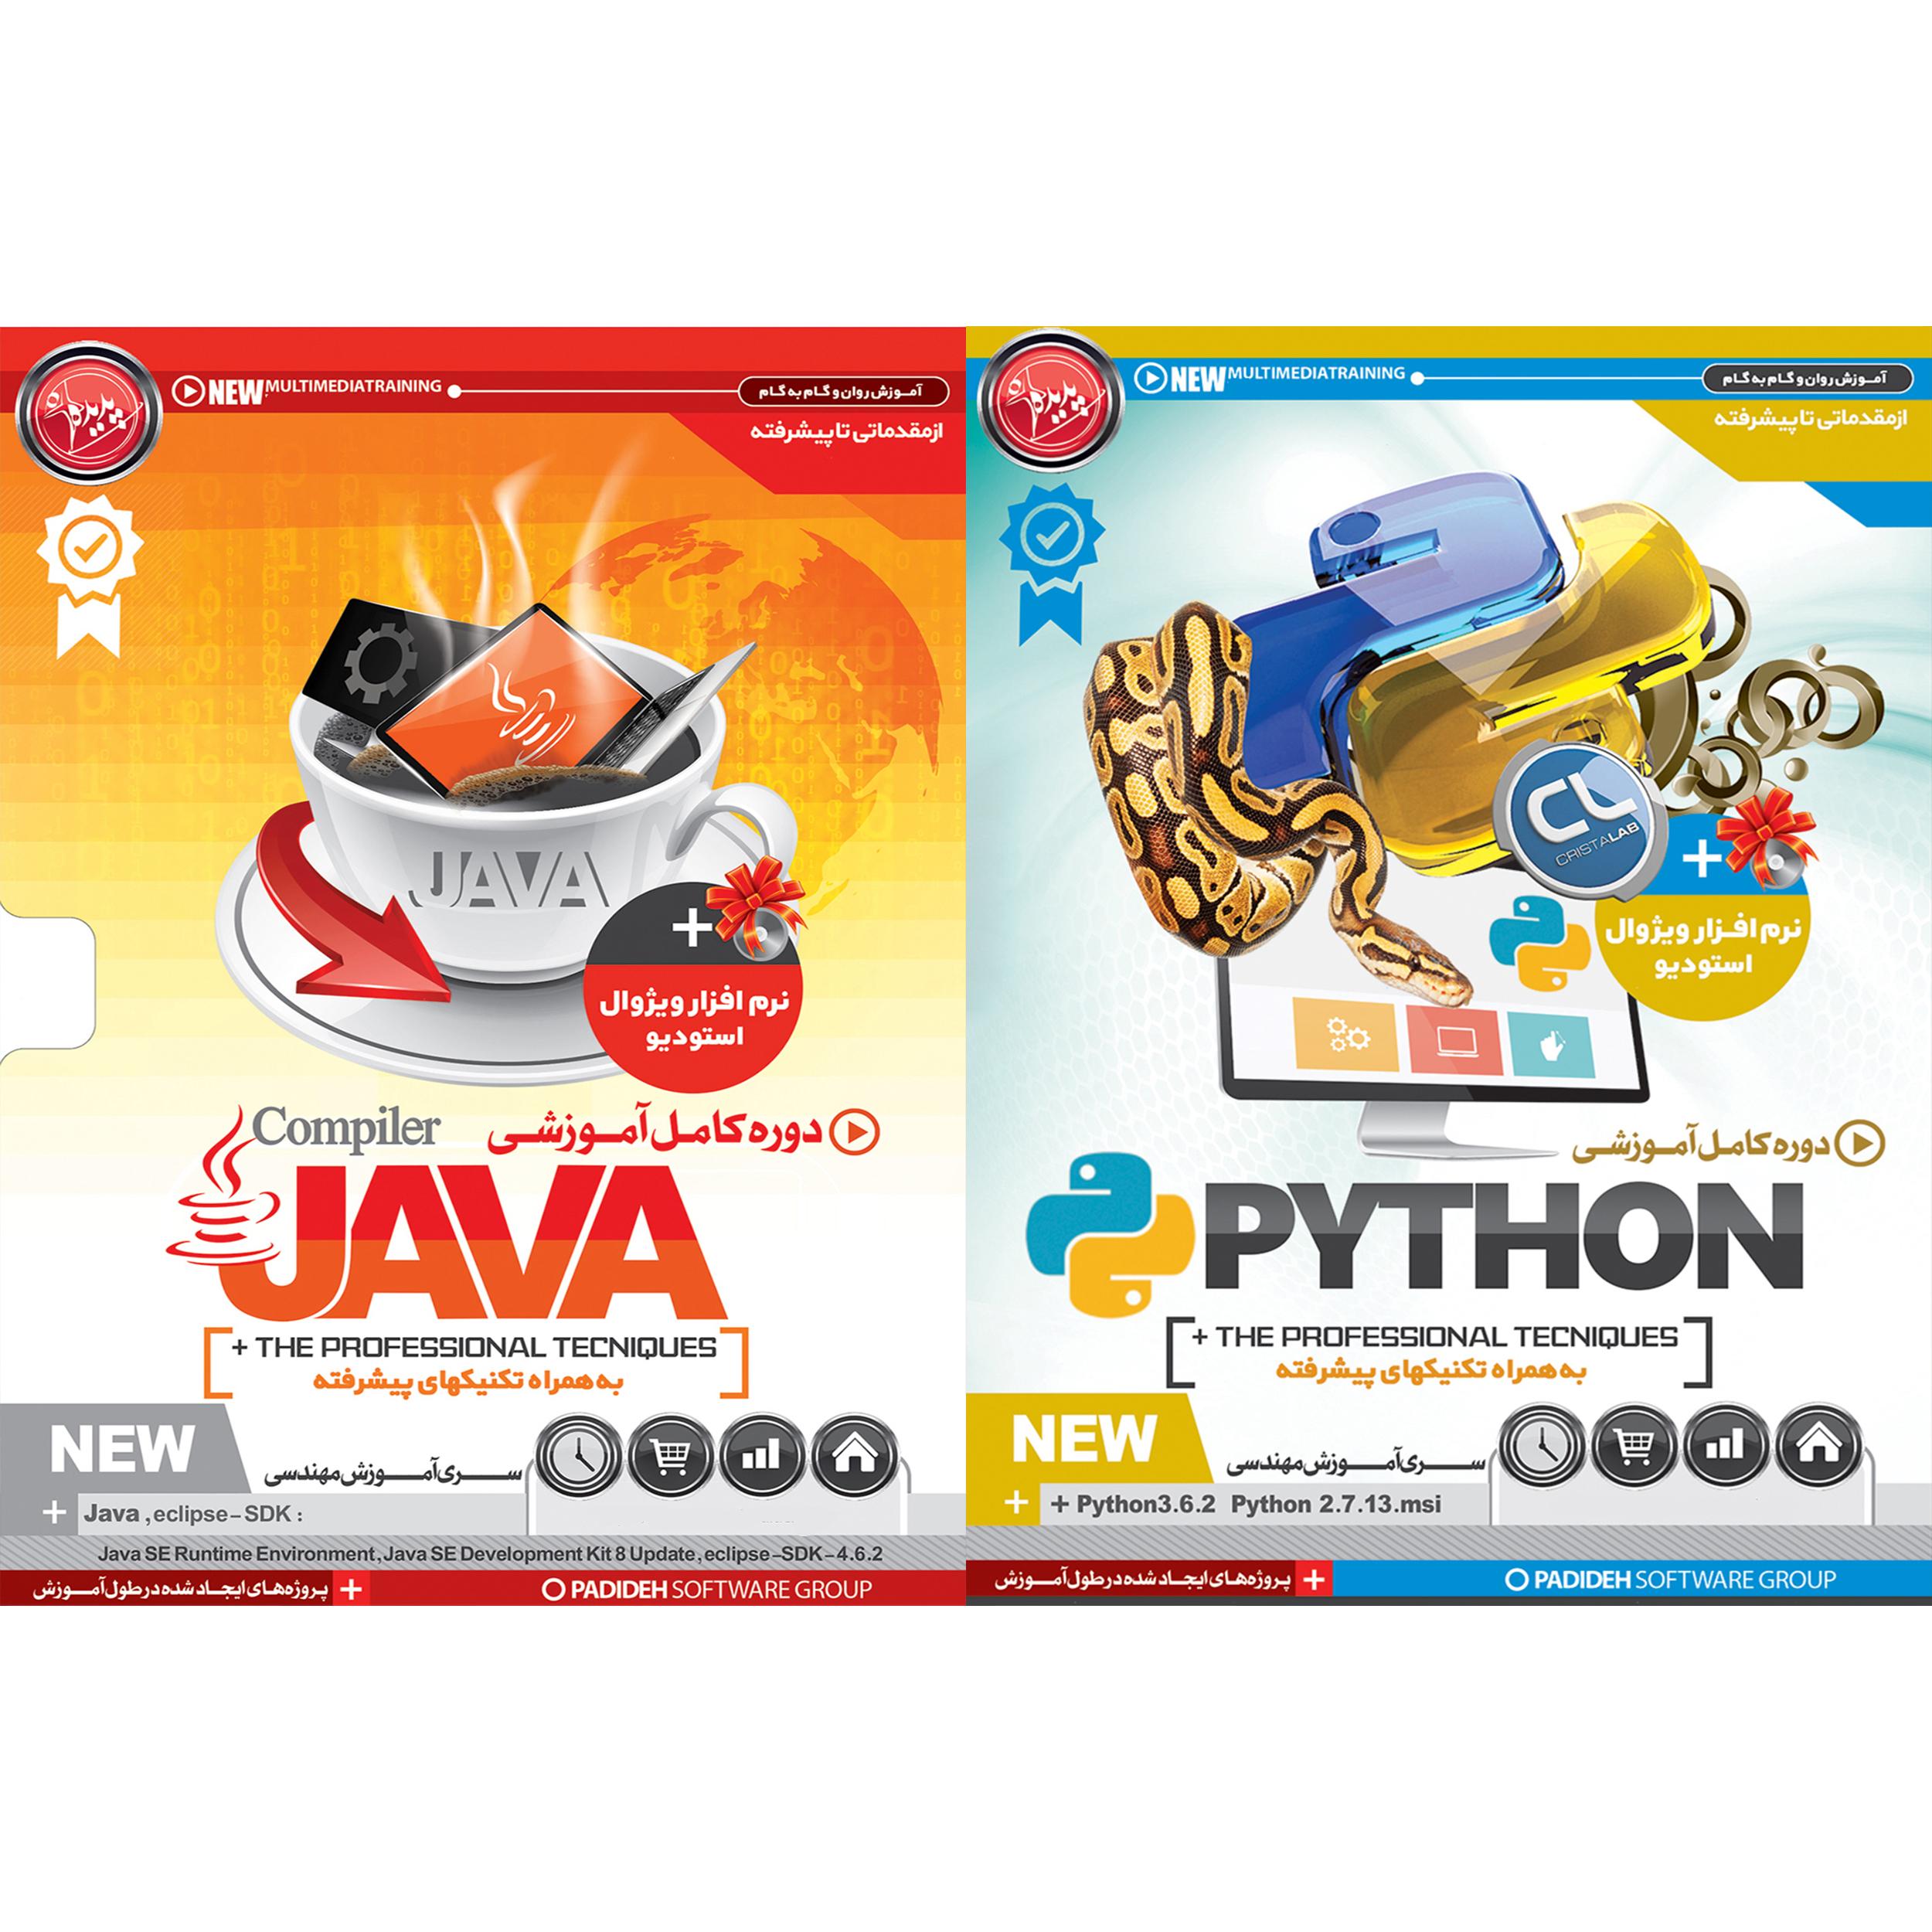 نرم افزار آموزش برنامه نویسی PYTHON نشر پدیده به همراه نرم افزار آموزش پروژه های عملی سی شارپ JAVA نشر پدیده